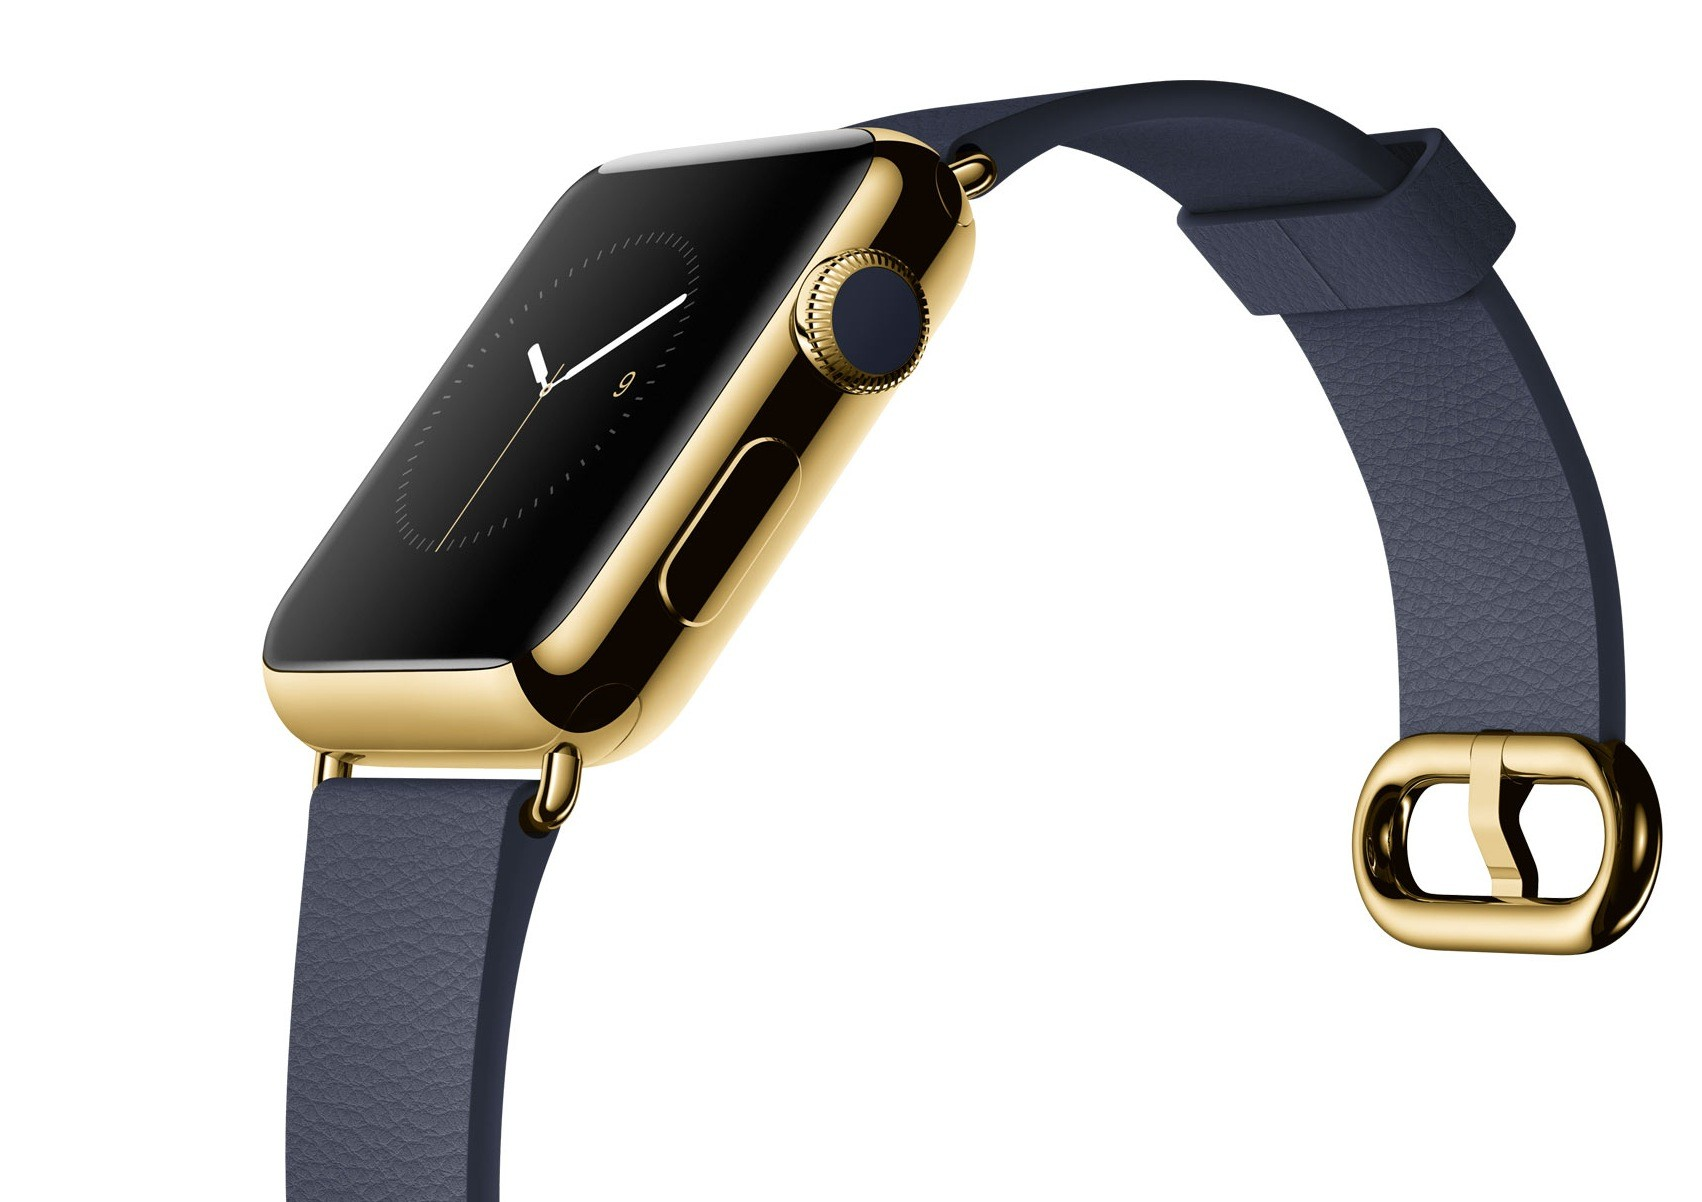 Apple Gold Watch o să se vândă fără probleme